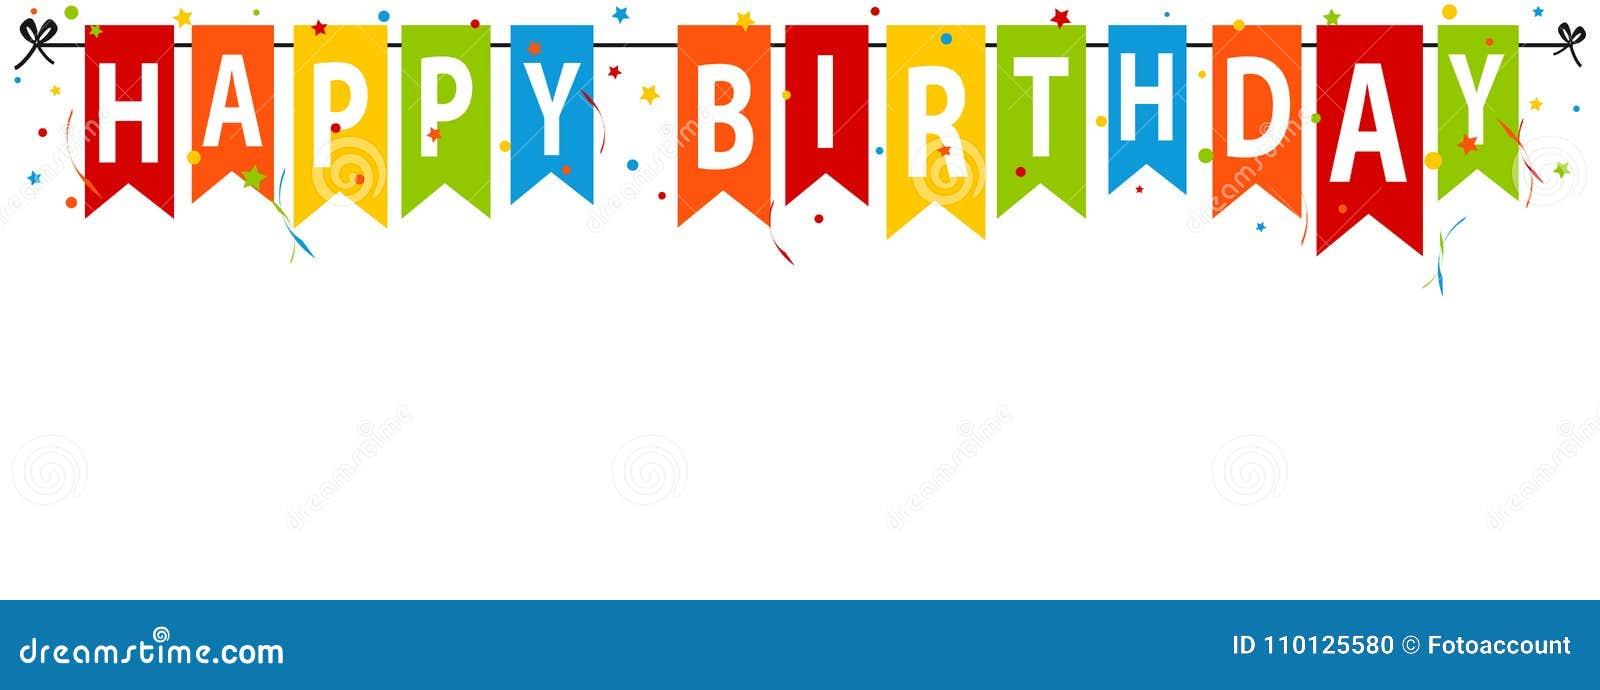 Alles- Gute zum Geburtstagfahne, Hintergrund - Editable Vektor-Illustration